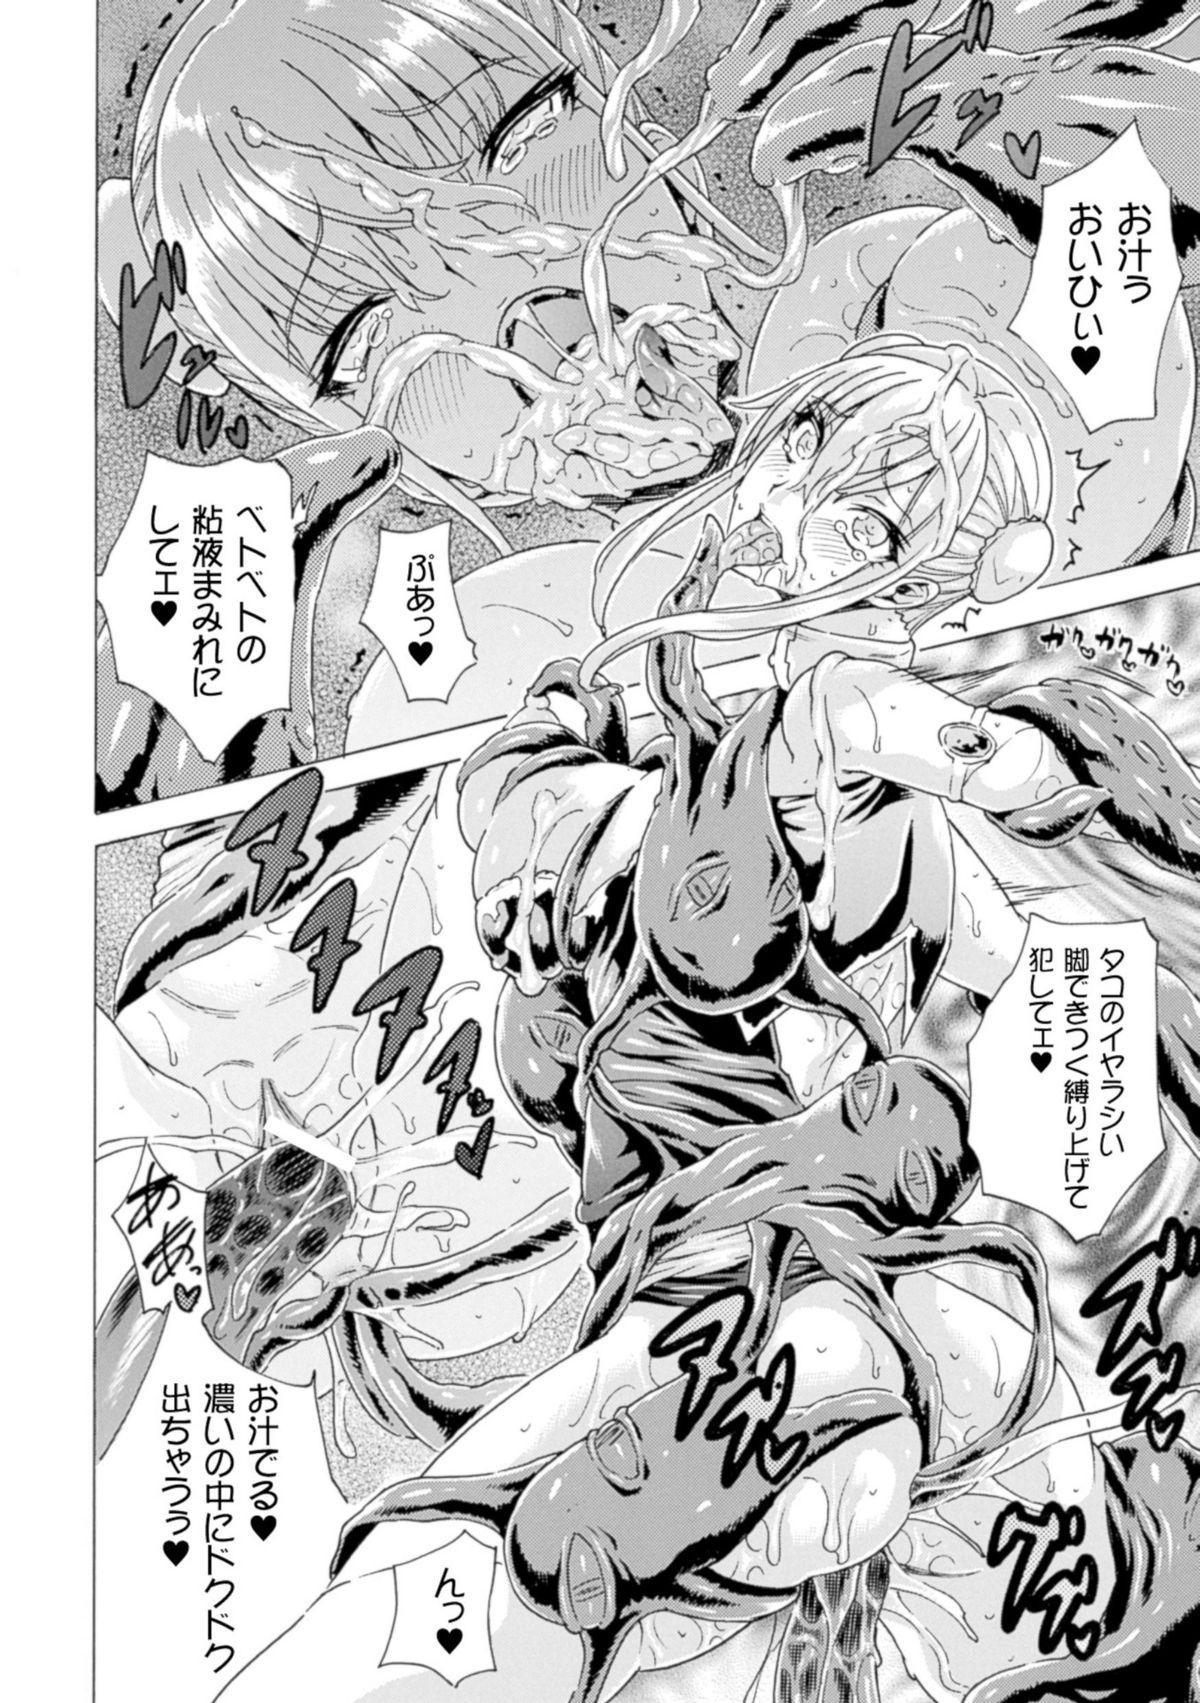 2D Comic Magazine Suisei Seibutsu ni Okasareru Heroine-tachi Vol. 1 19